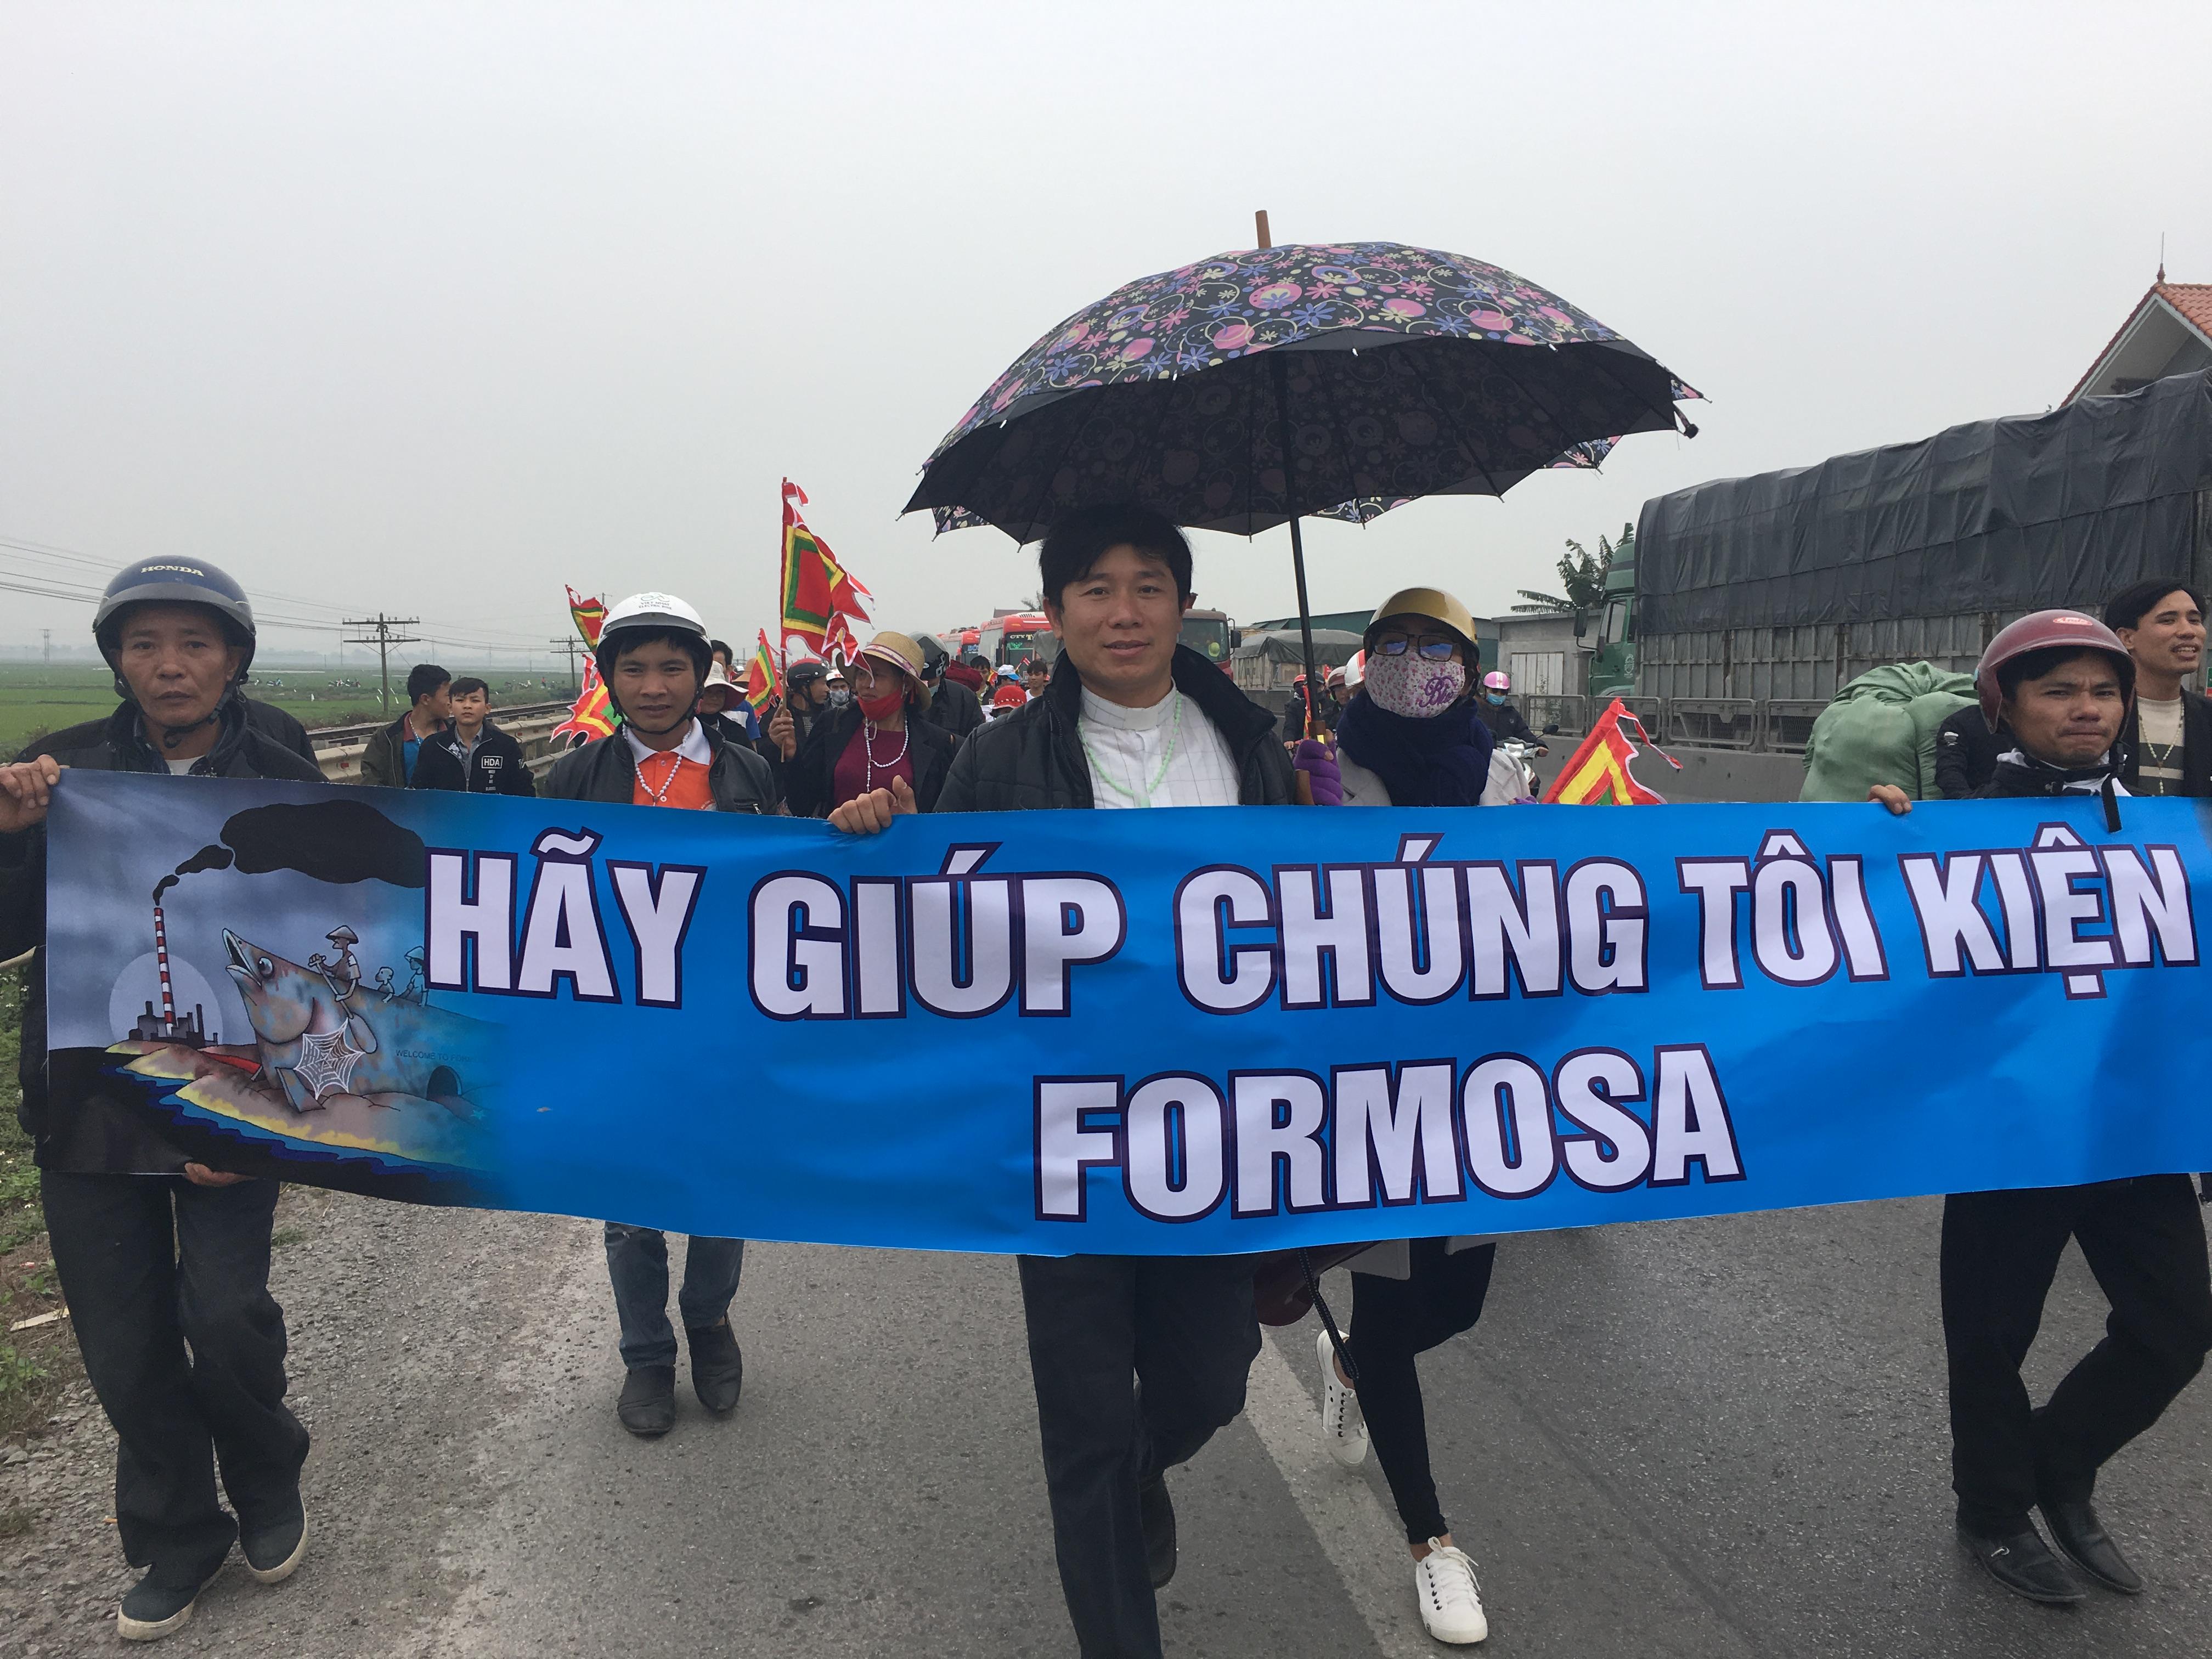 Tổ Chức Ân Xá Quốc Tế lên án CSVN đàn áp linh mục và ngư dân đi kiện Formosa